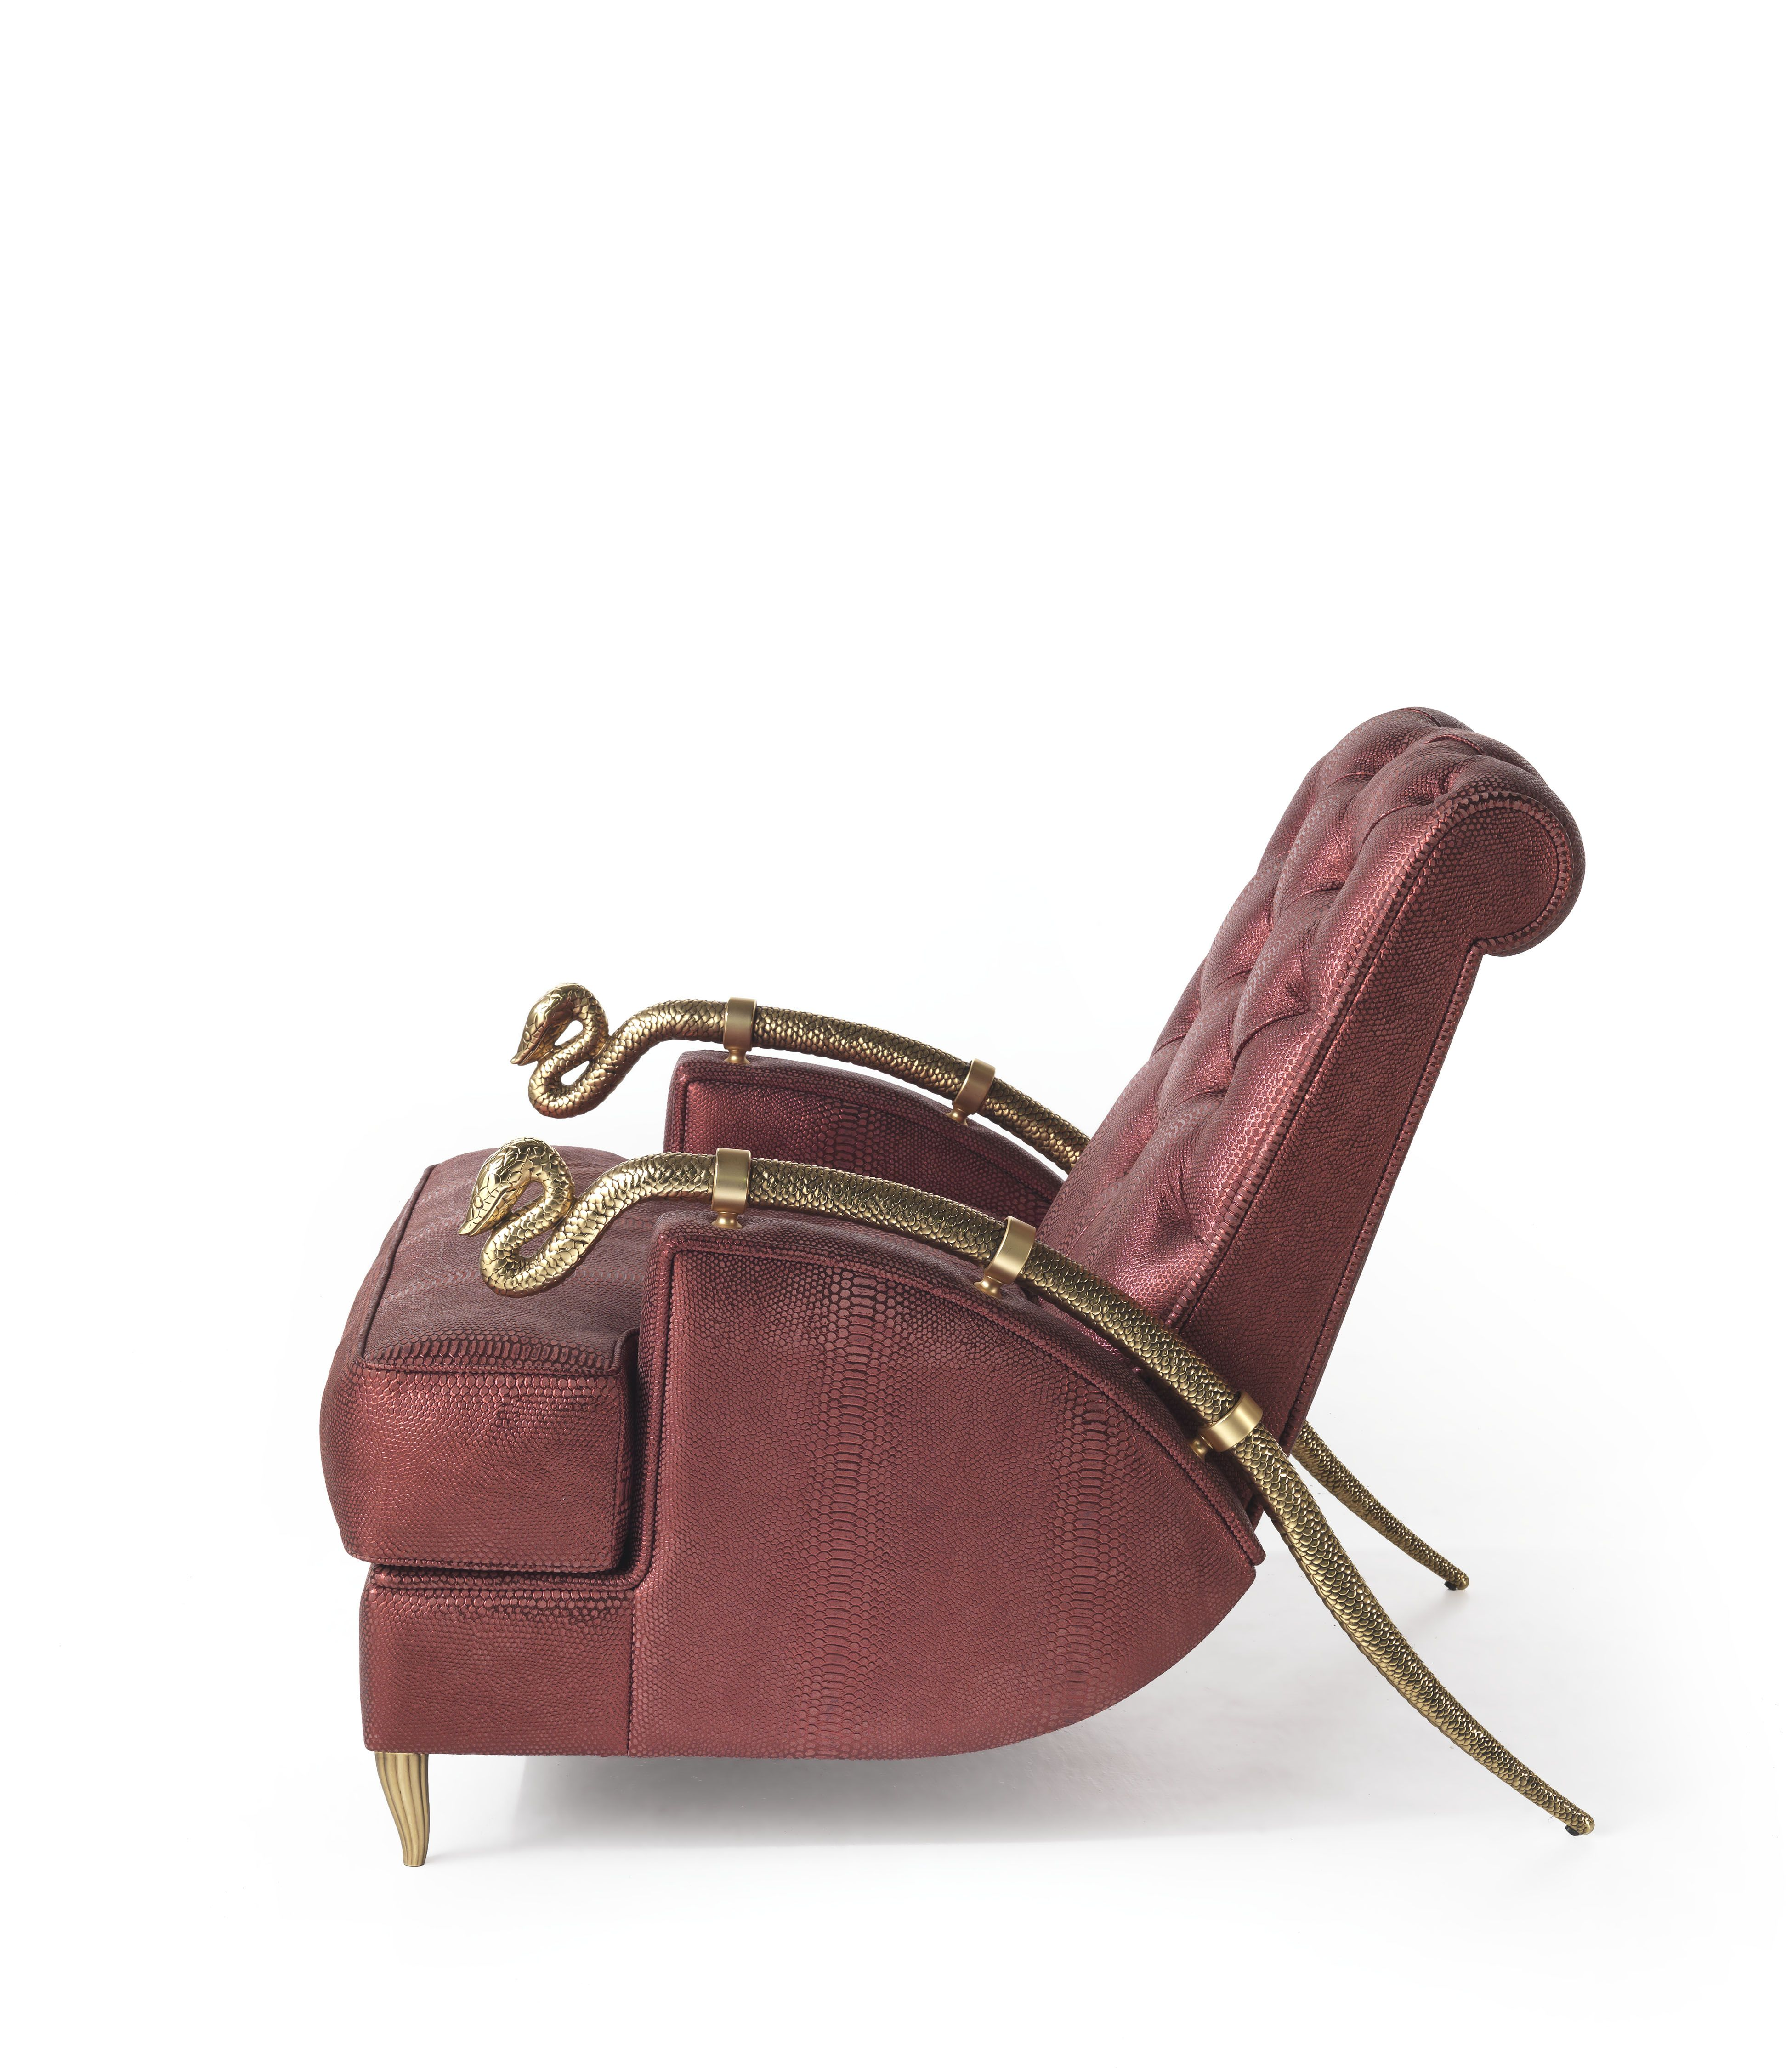 Roberto Cavalli Snake Armchair Side #FurnitureDesign #RobertoCavalliInteriors #LuxuryDesign